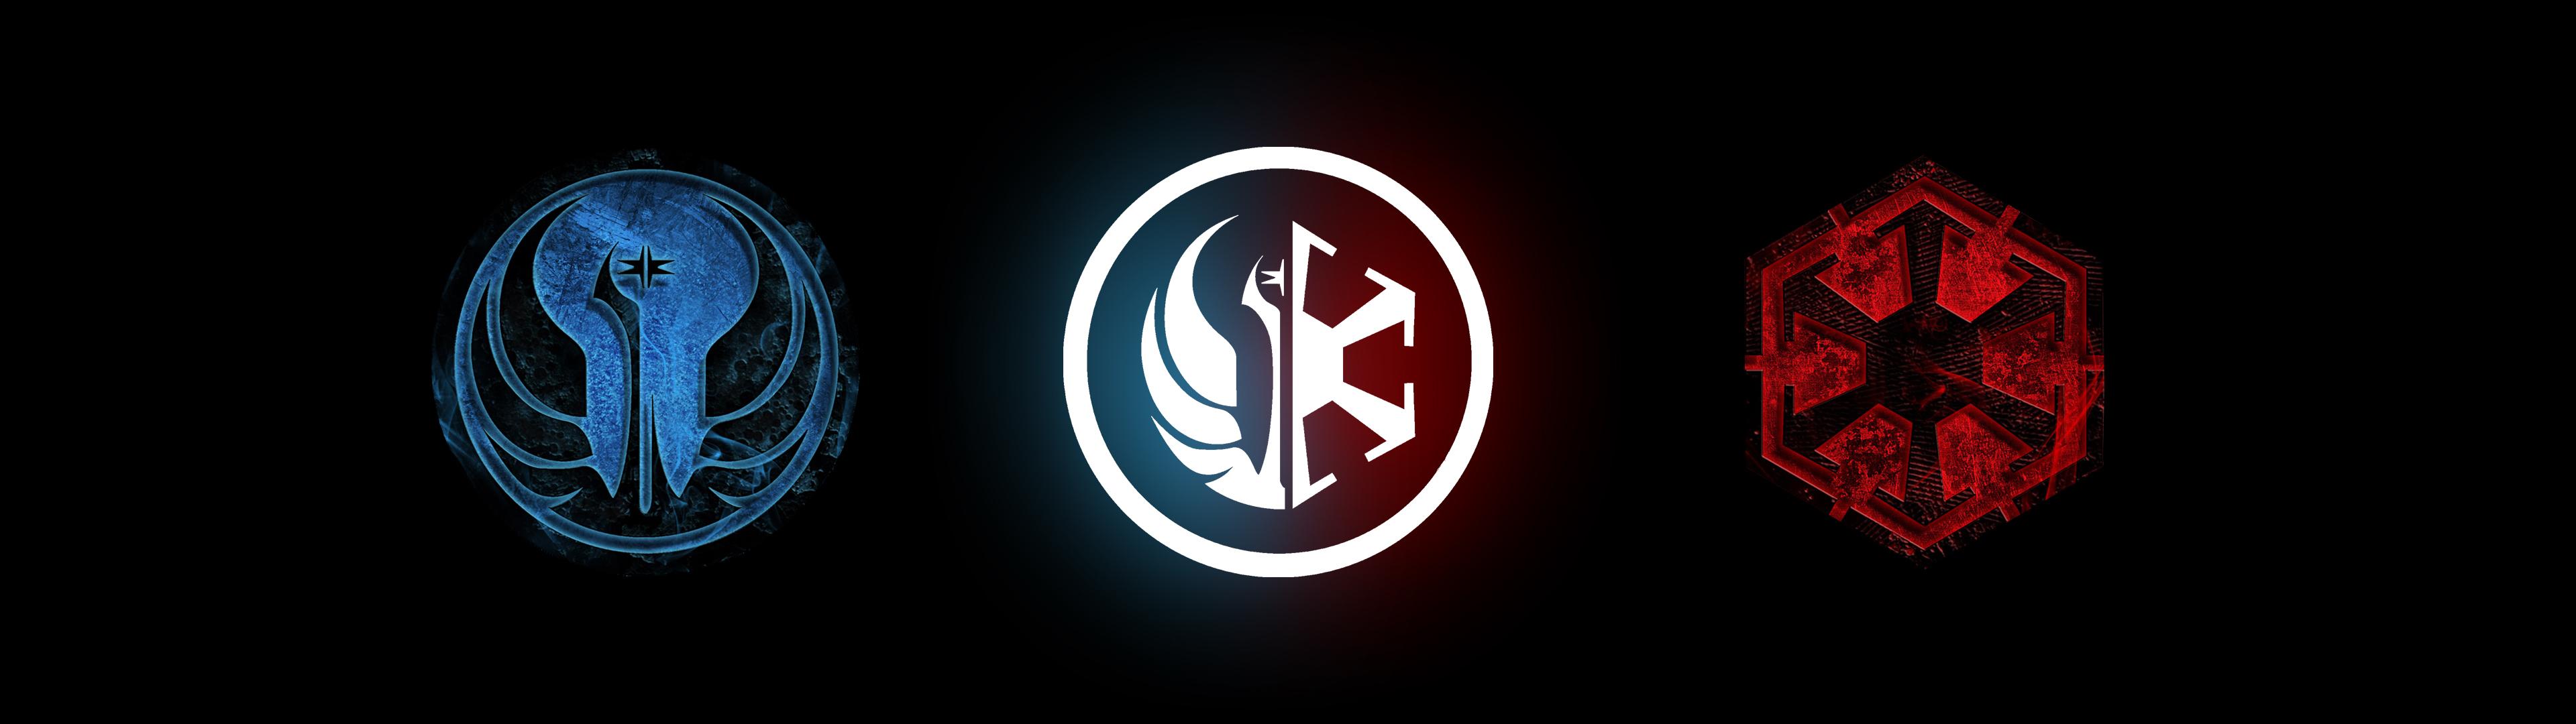 Empire Logo Swtor Swtor Logo Pict...